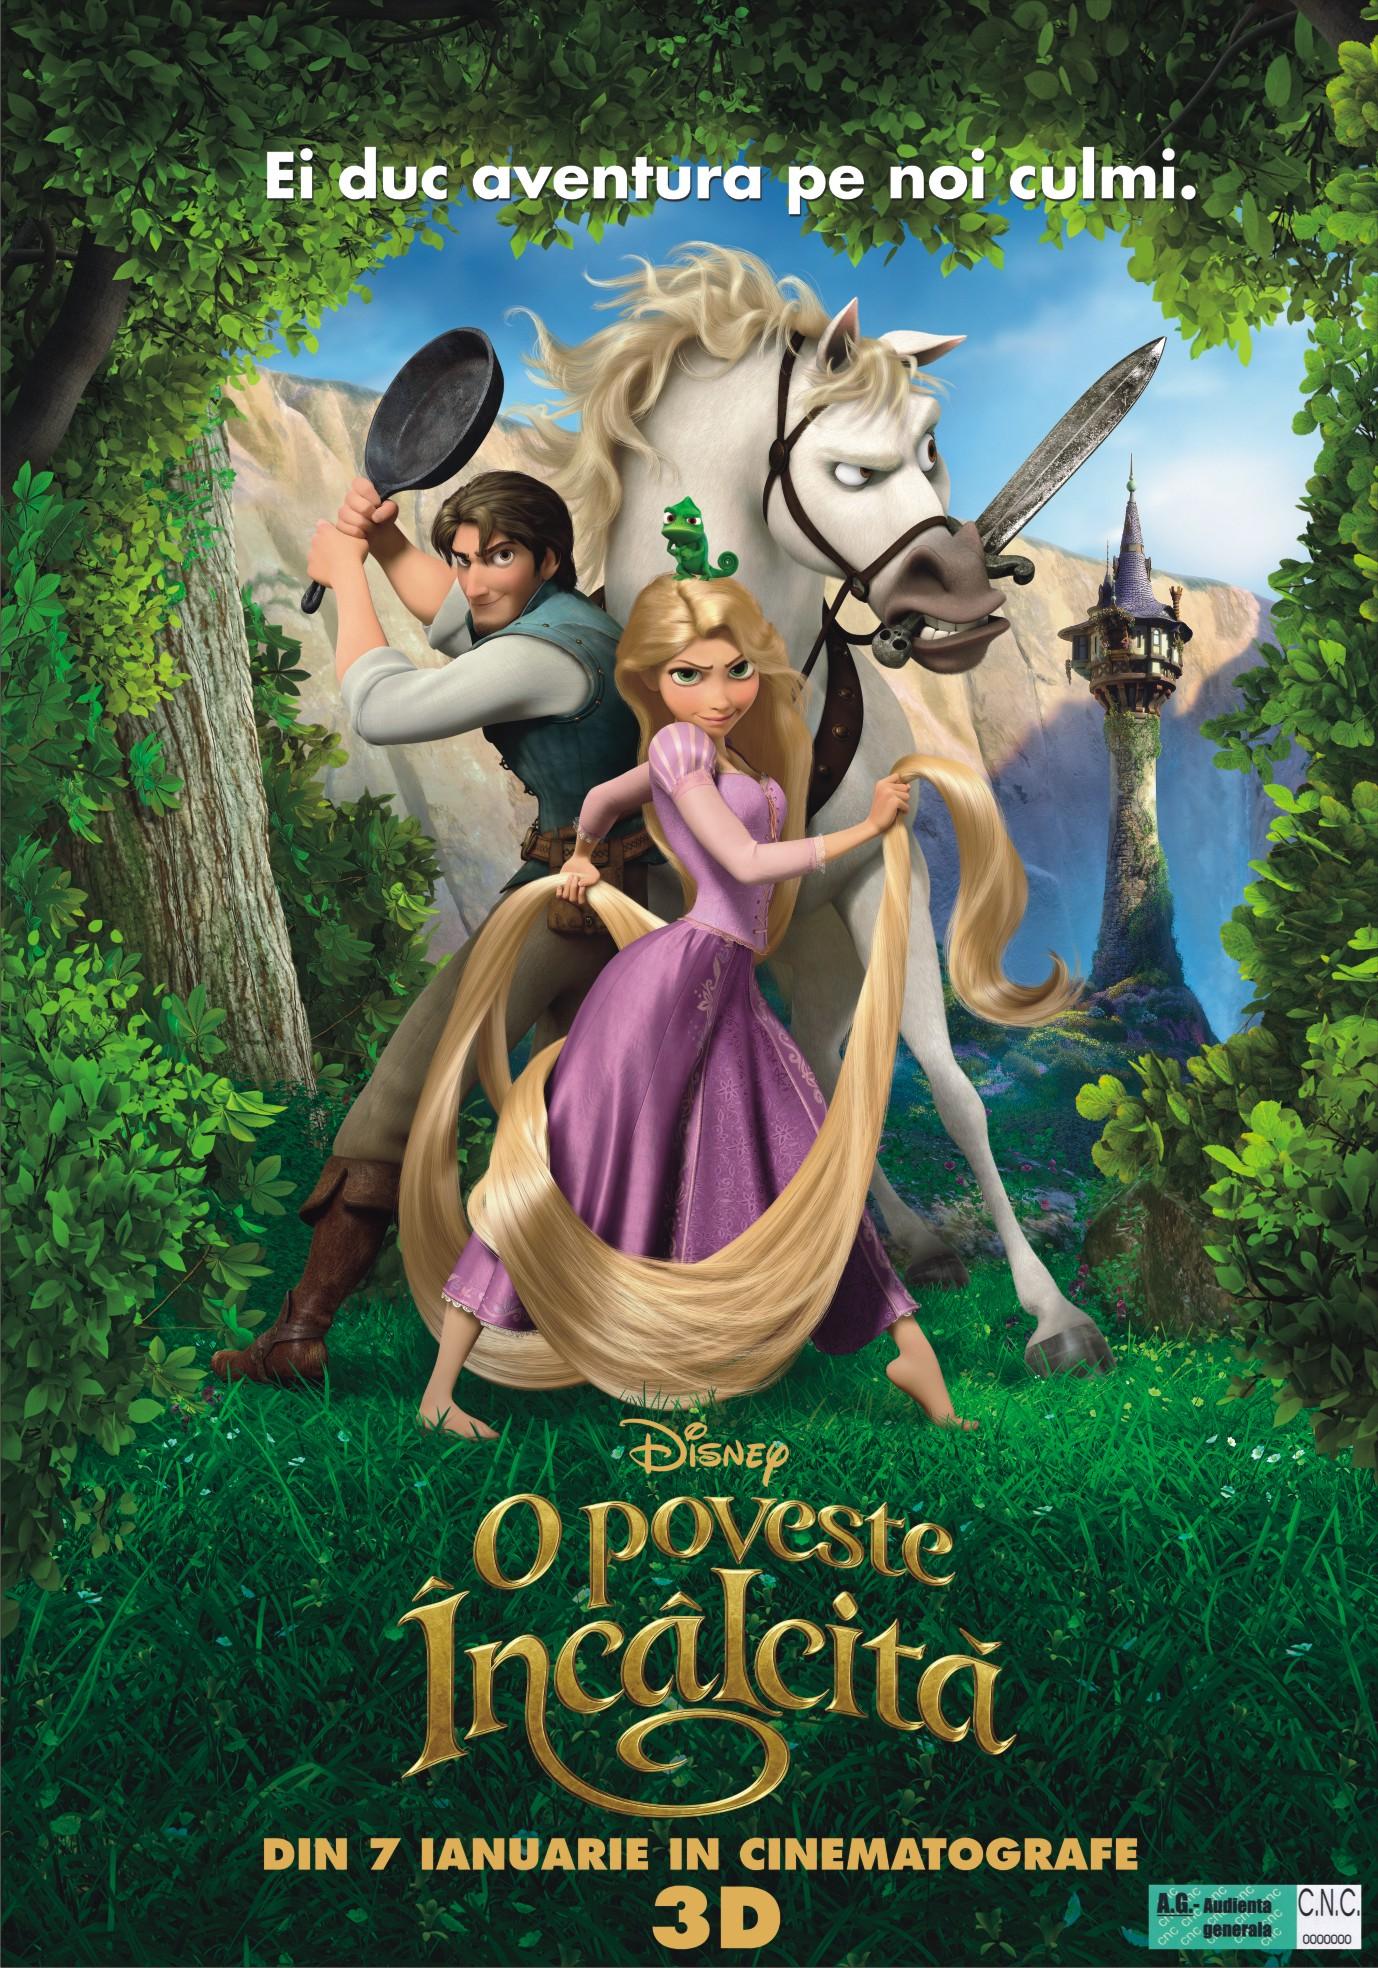 Tangled - O poveste incalcita (2010)